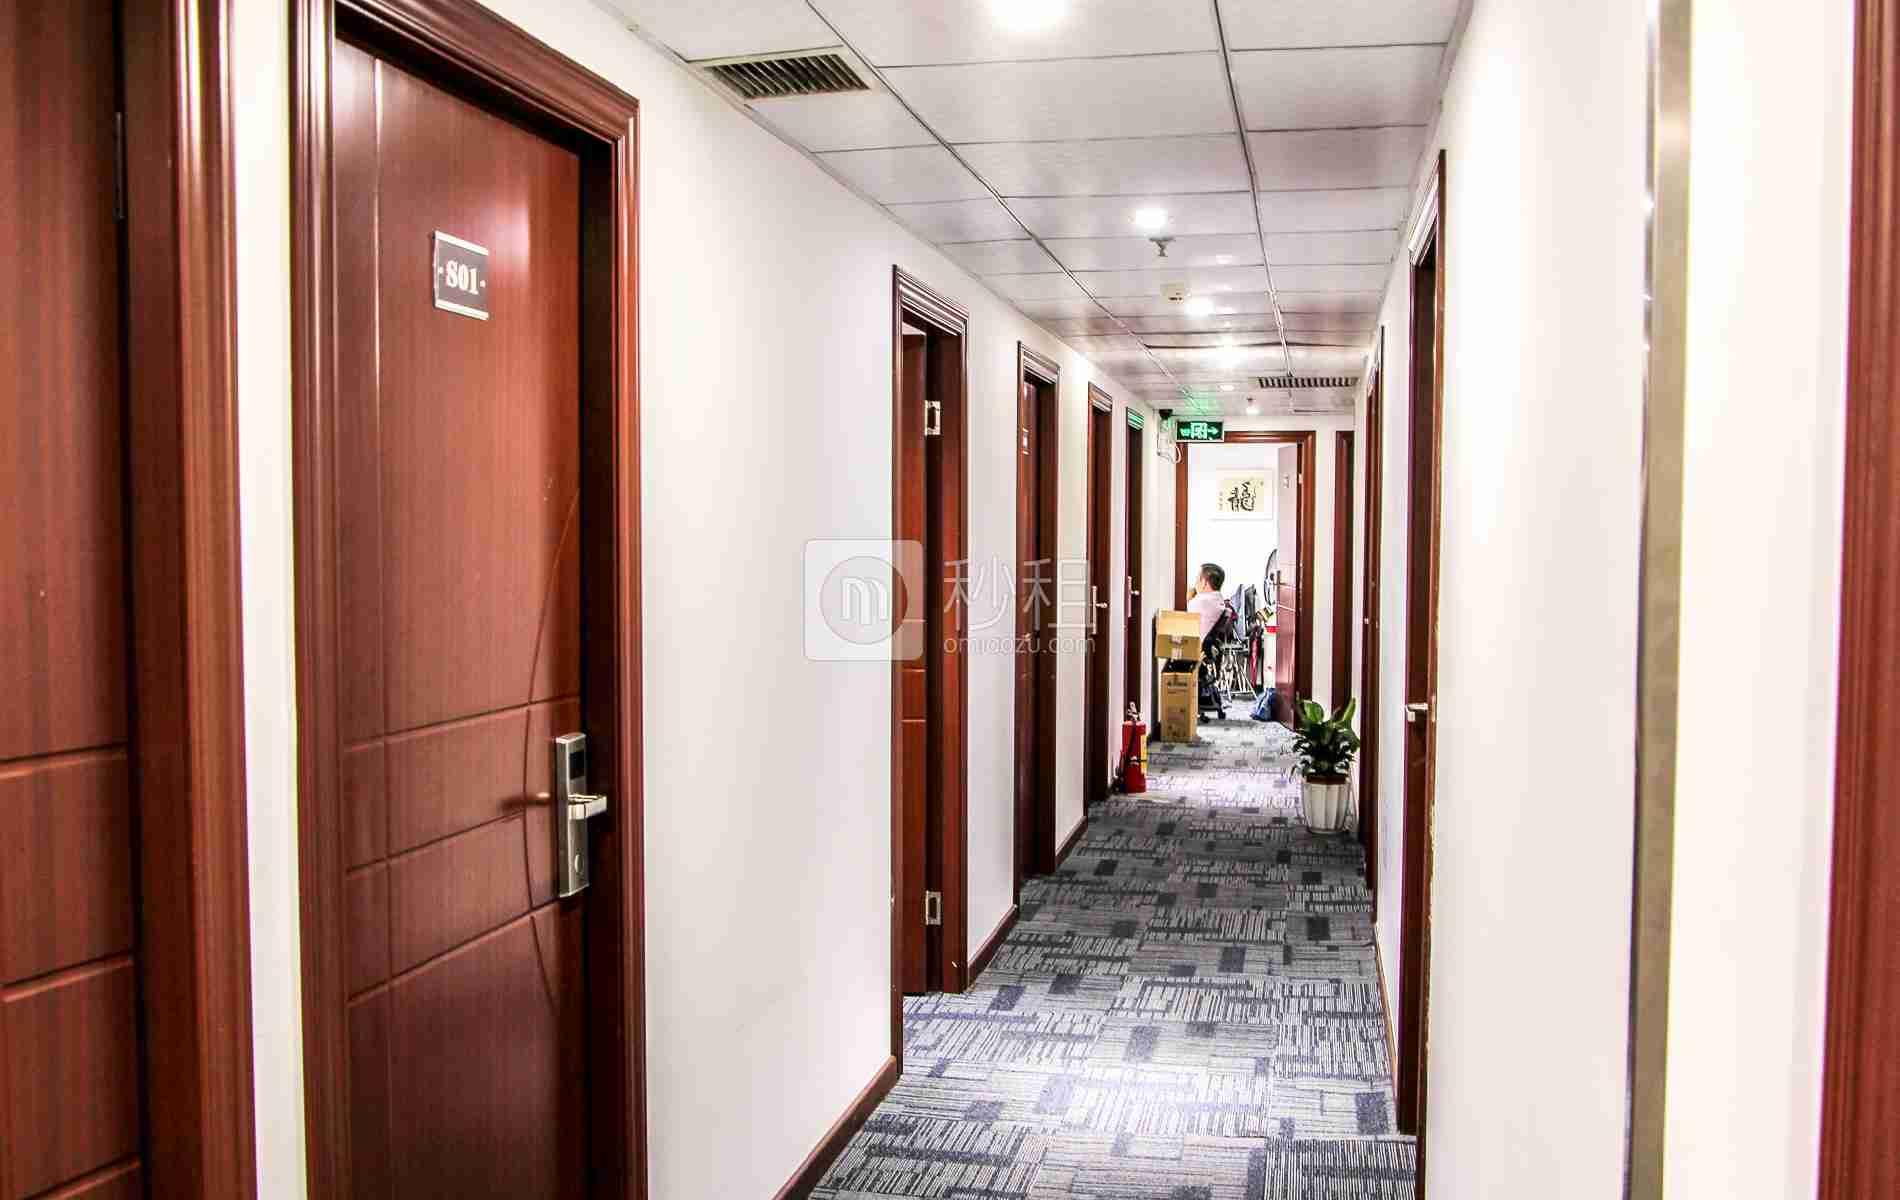 创富港-建和中心大厦写字楼出租/招租/租赁,创富港-建和中心大厦办公室出租/招租/租赁